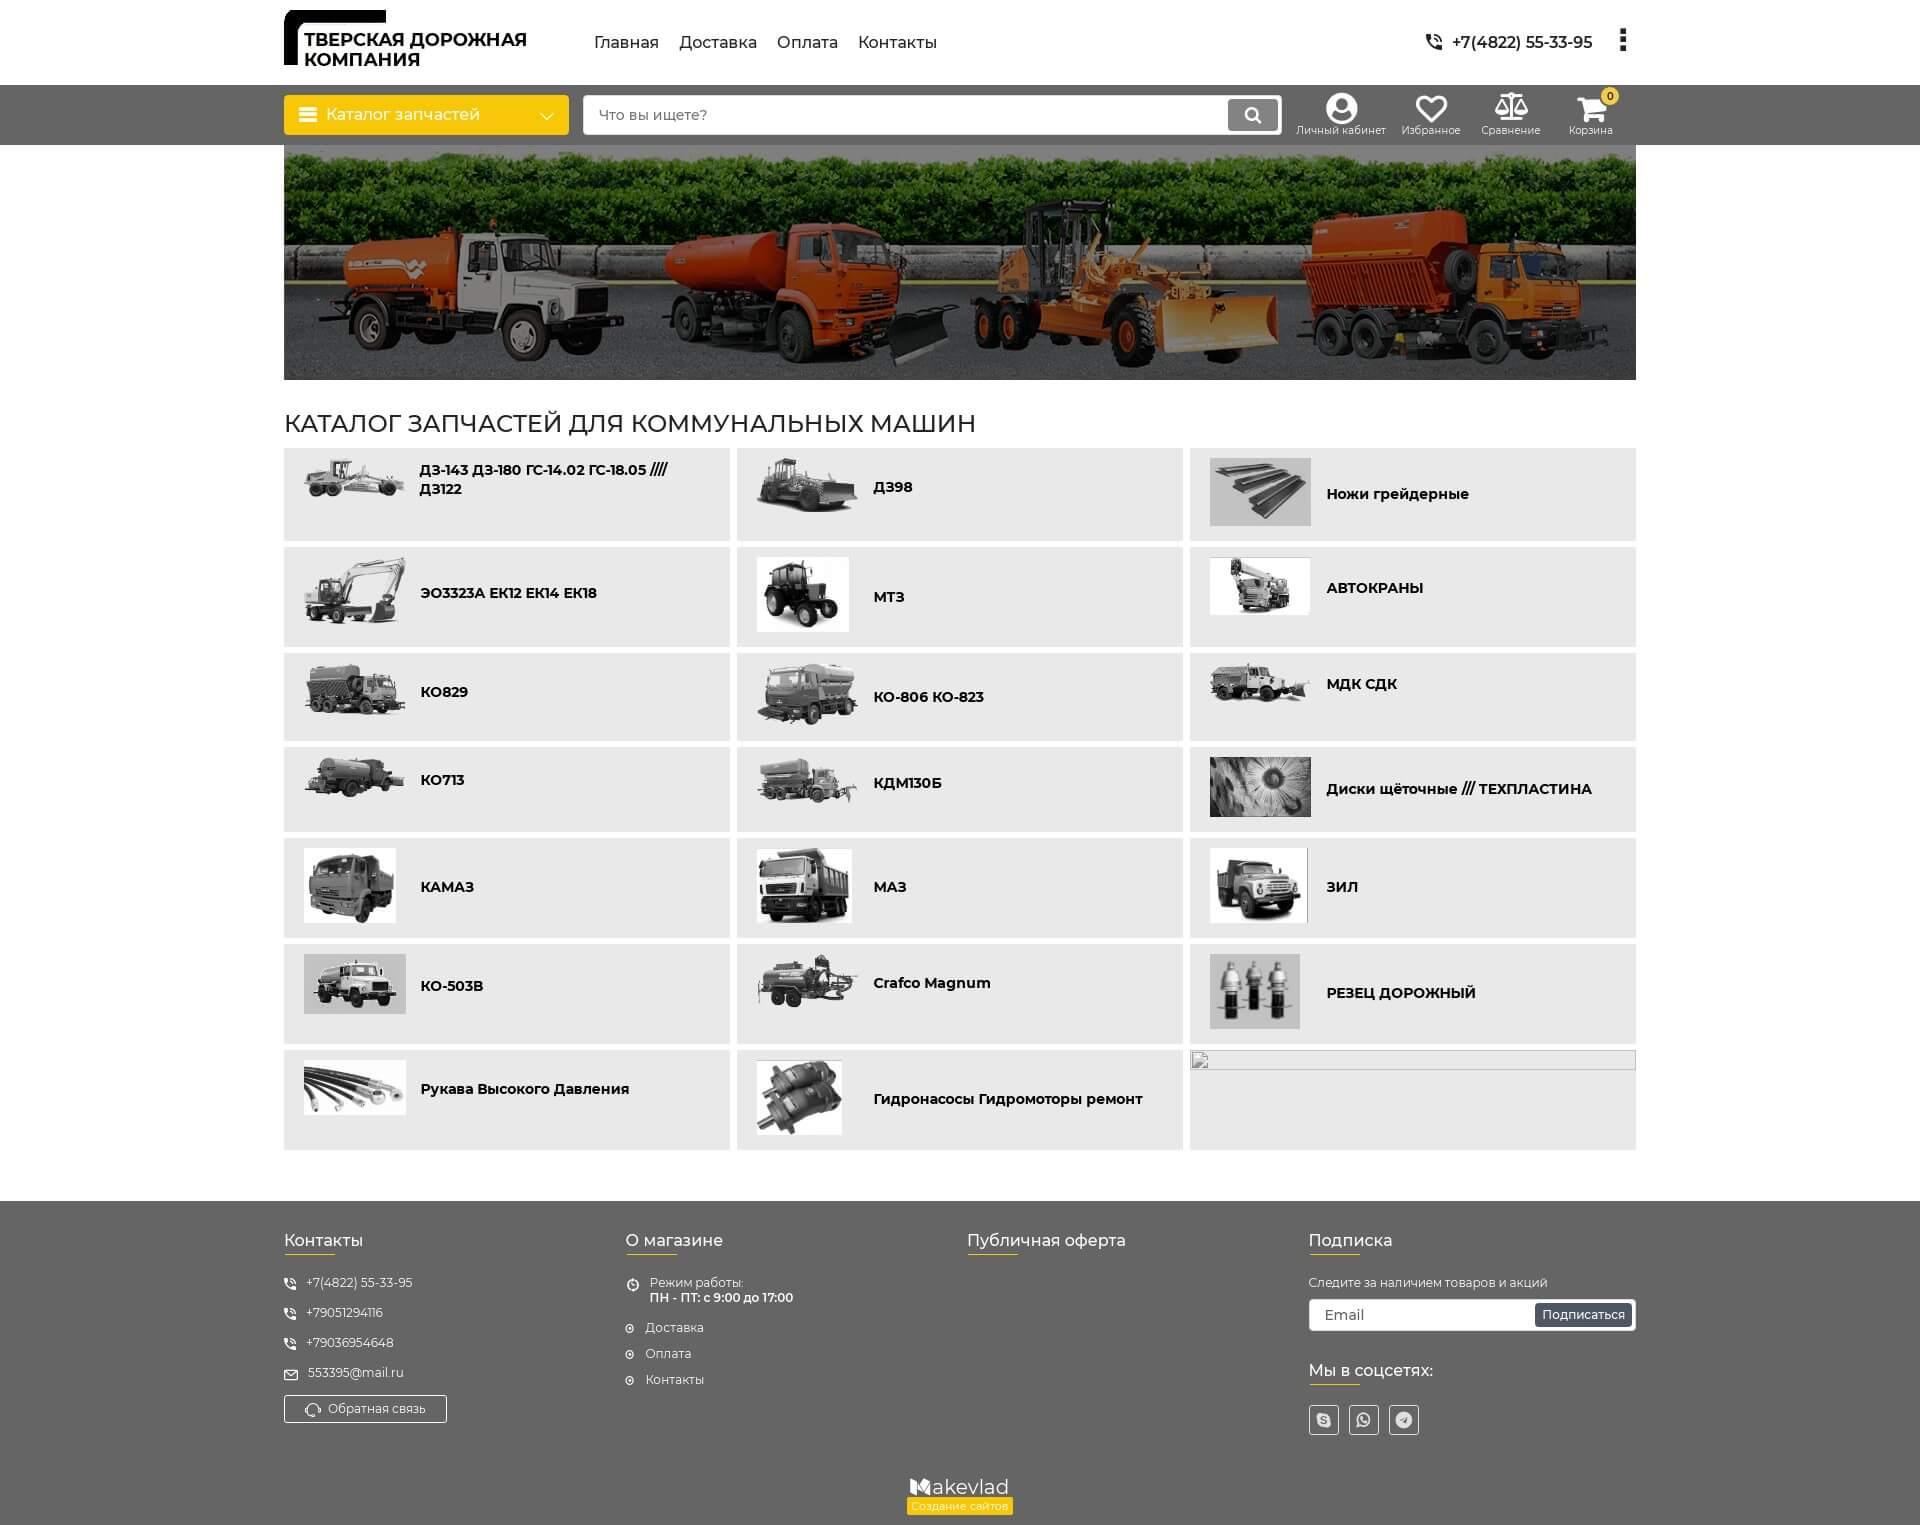 Скриншот №1 страницы сайта во весь экран. Интернет магазин автозапчастей для спецтехники